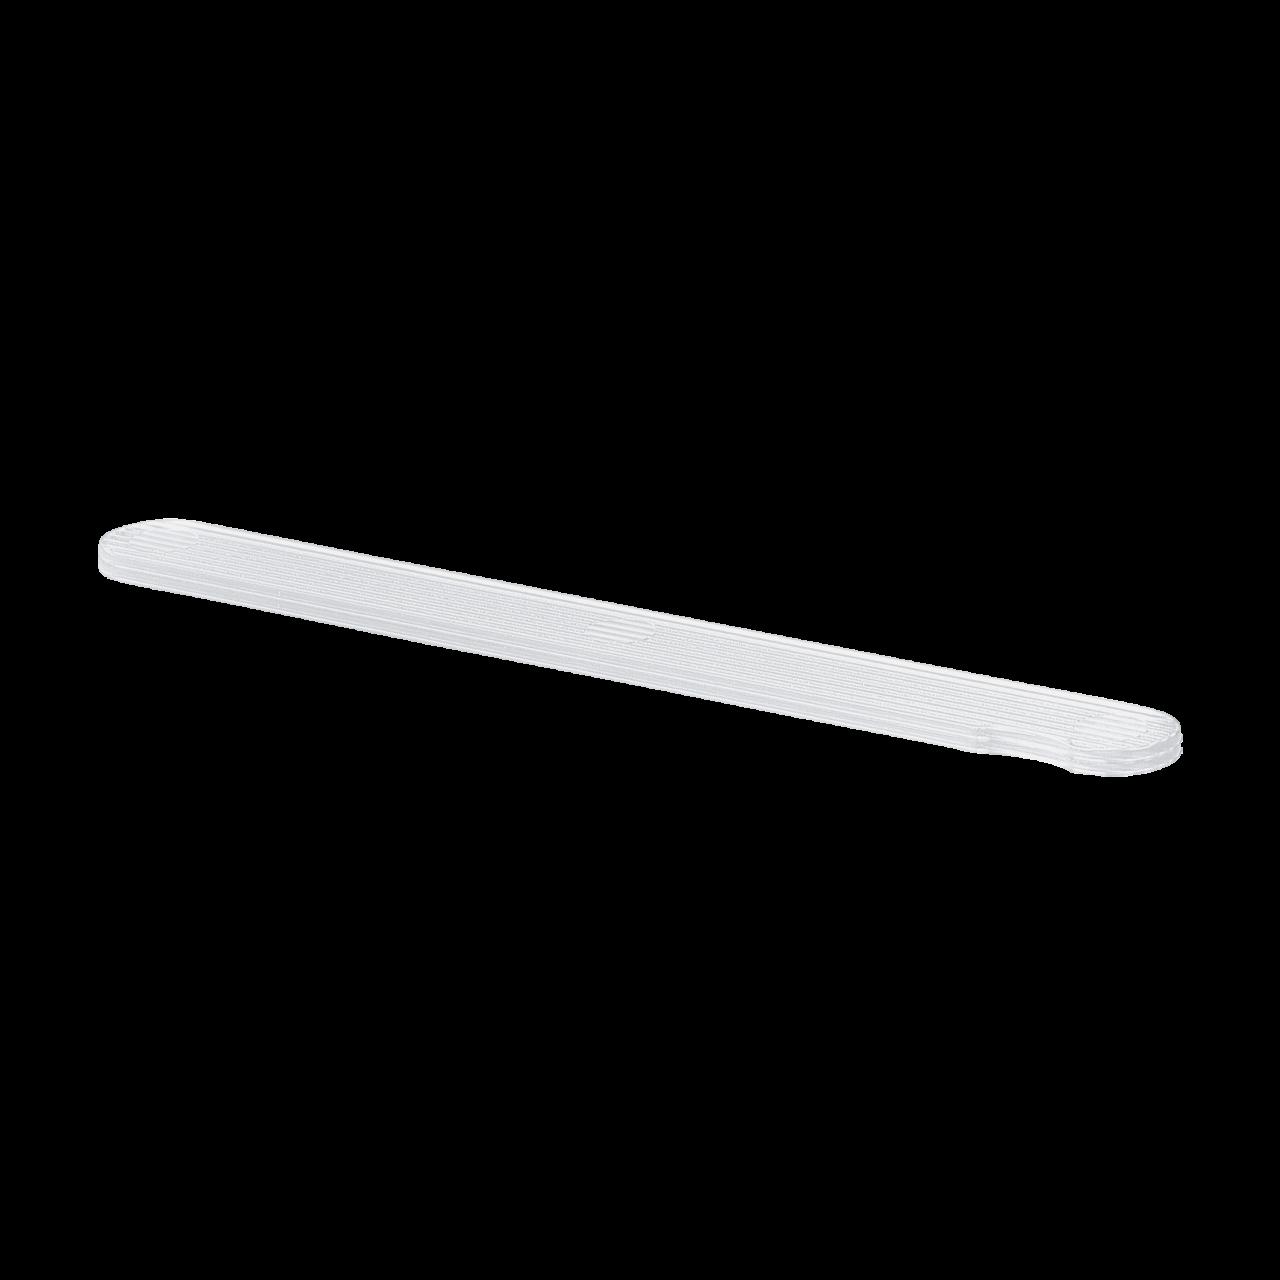 Kunststoff-Profifeilen, weiß ohne Feilblätter, 10 Stck.